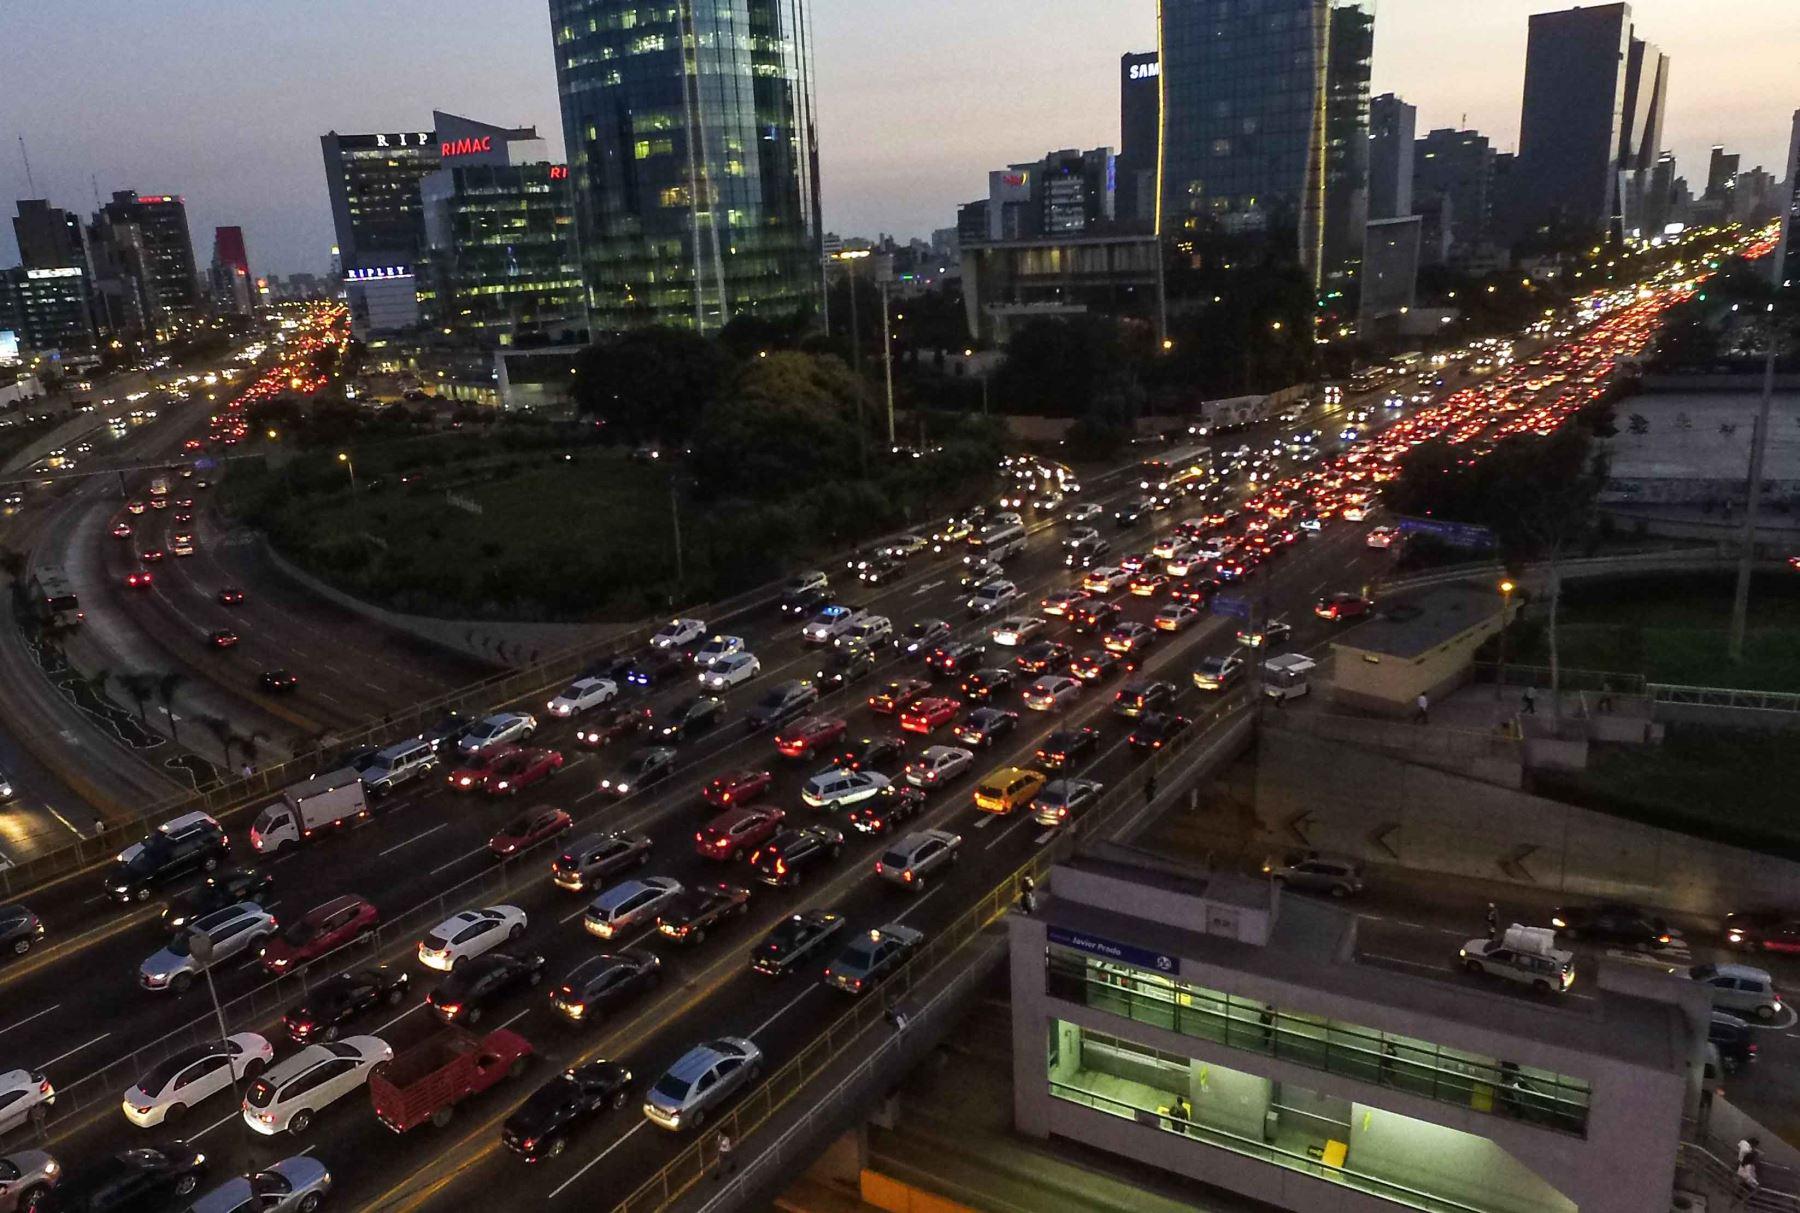 La congestión vehicular es tal en Javier Prado, a la altura de la Vía Expresa, que expertos proponen construcción del túnel en cerro Centinela en La Molina y viaducto en óvalo Monitor. Foto: ANDINA